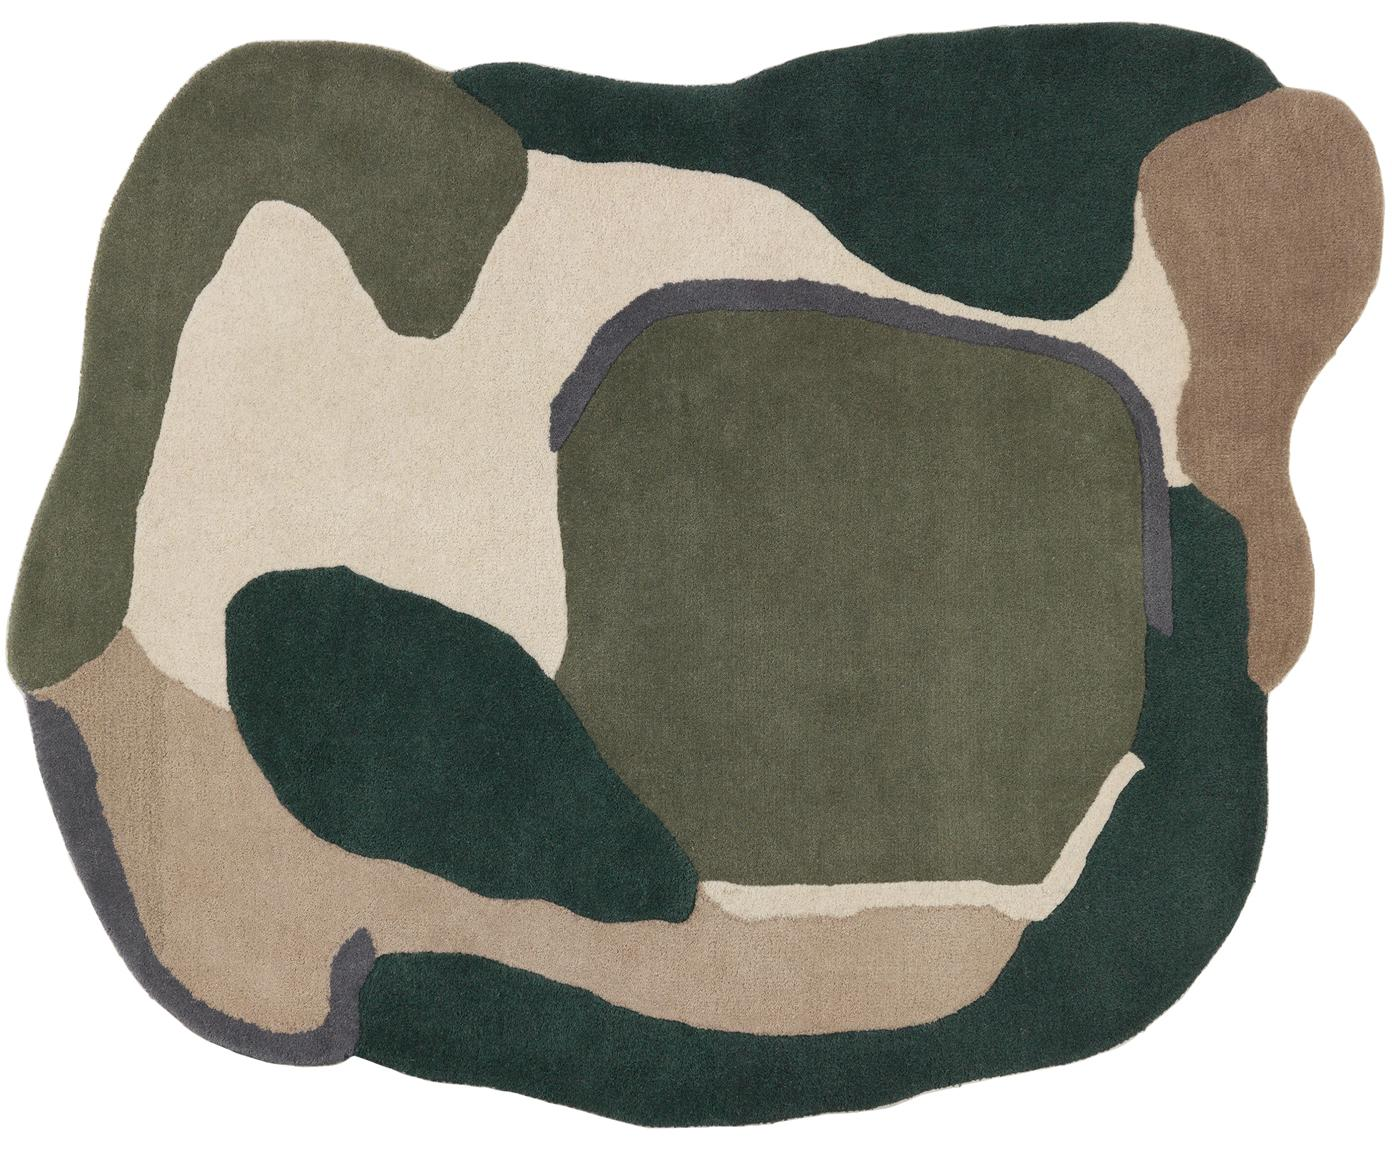 Wollteppich Oblivian mit Hoch-Tief-Effekt in Grün-Beige, Flor: Wolle, Grün, Beige, B 140 x L 180 cm (Grösse S)